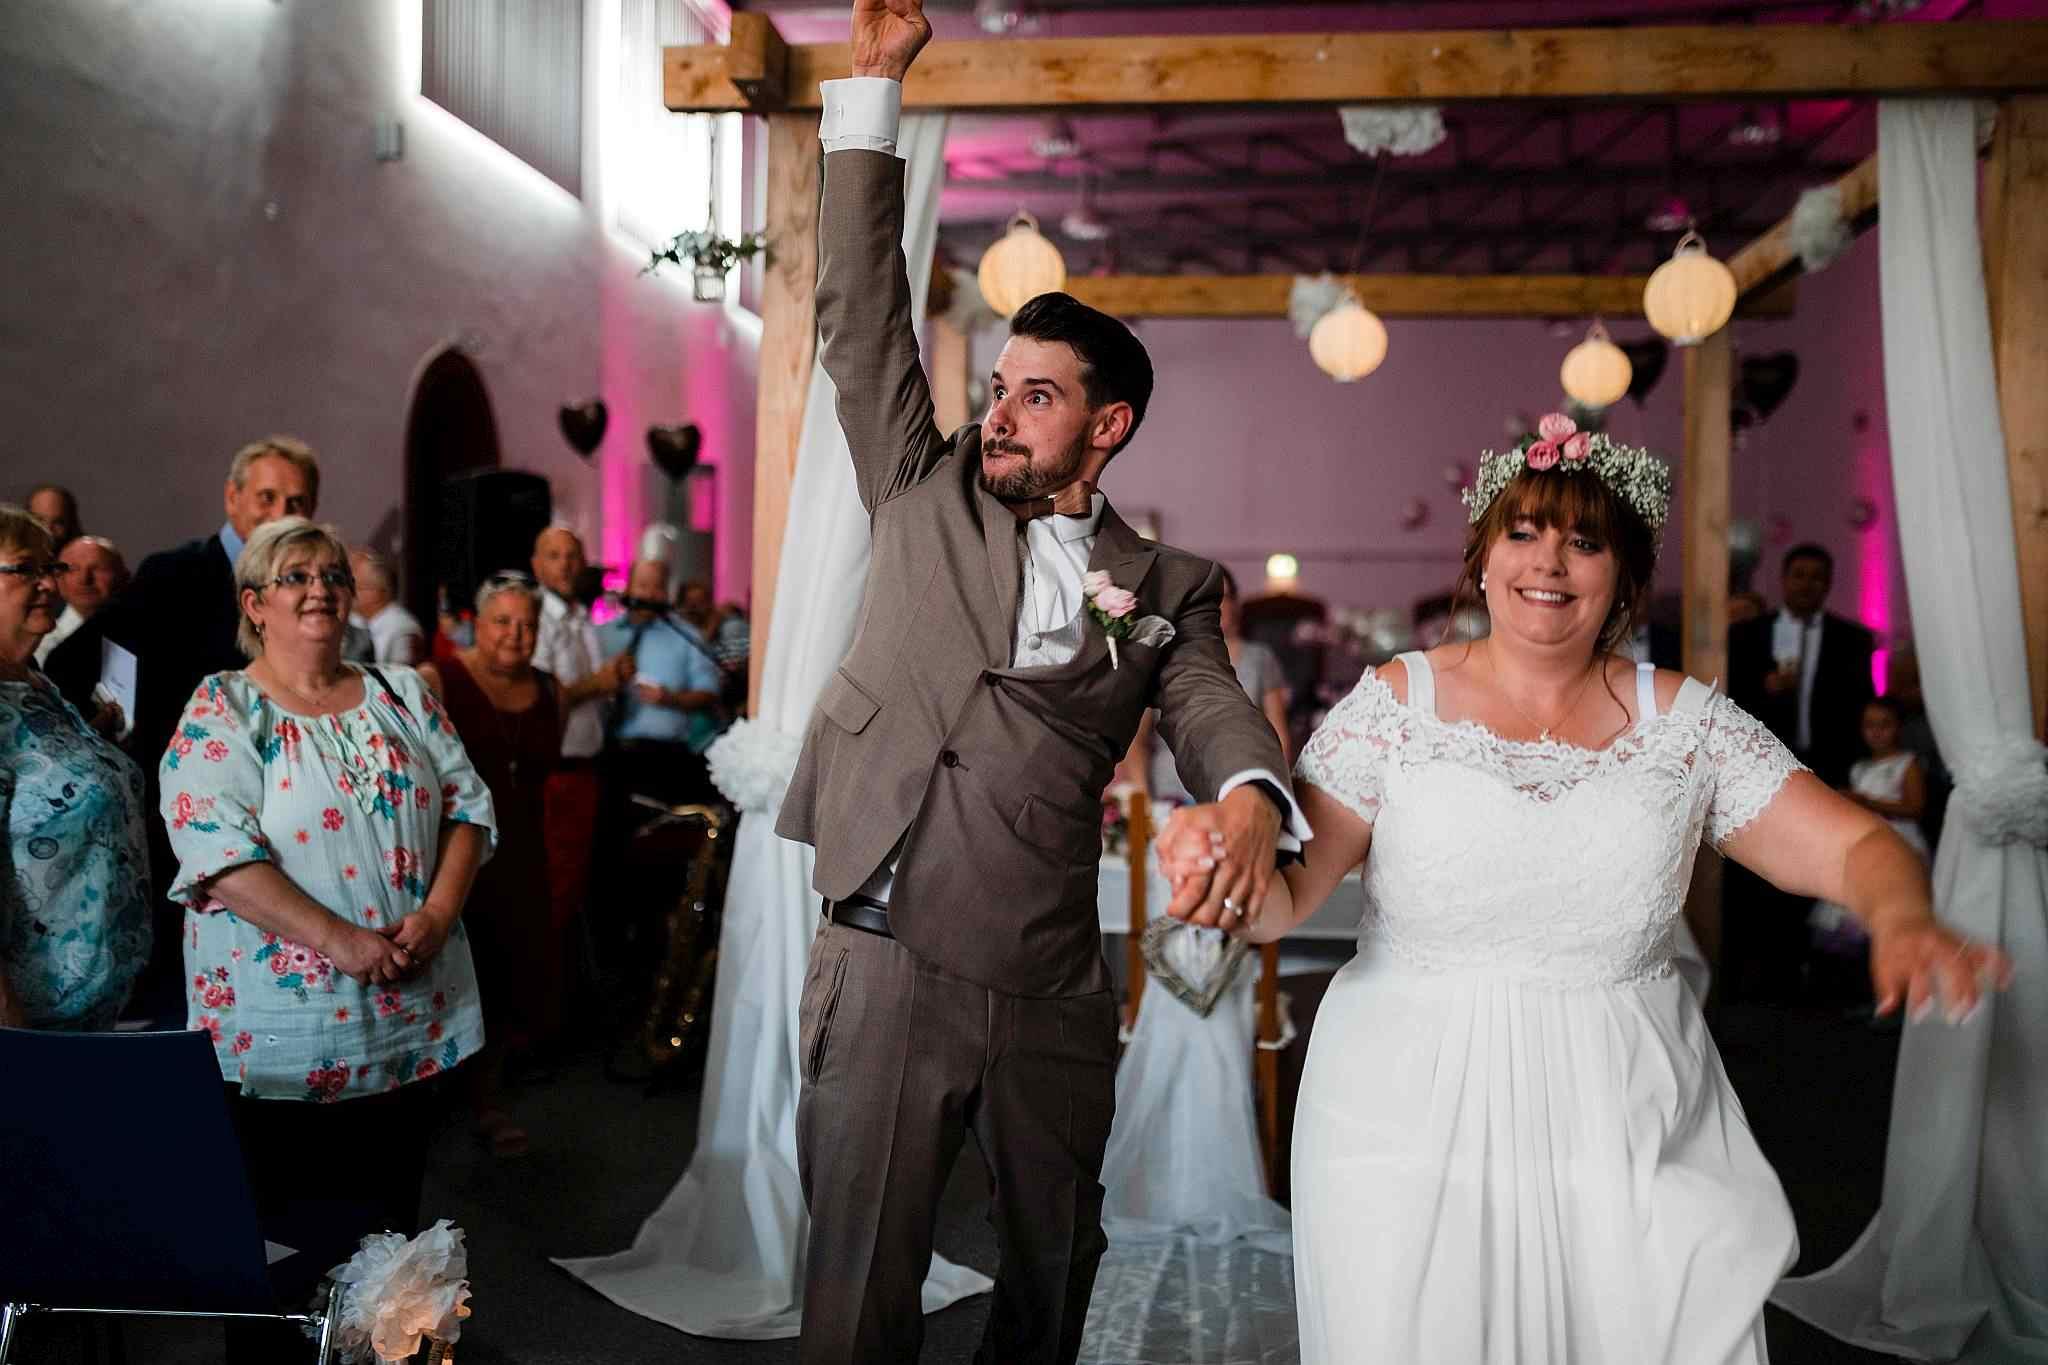 Das Brautpaar zieht aus der freien Trauung aus